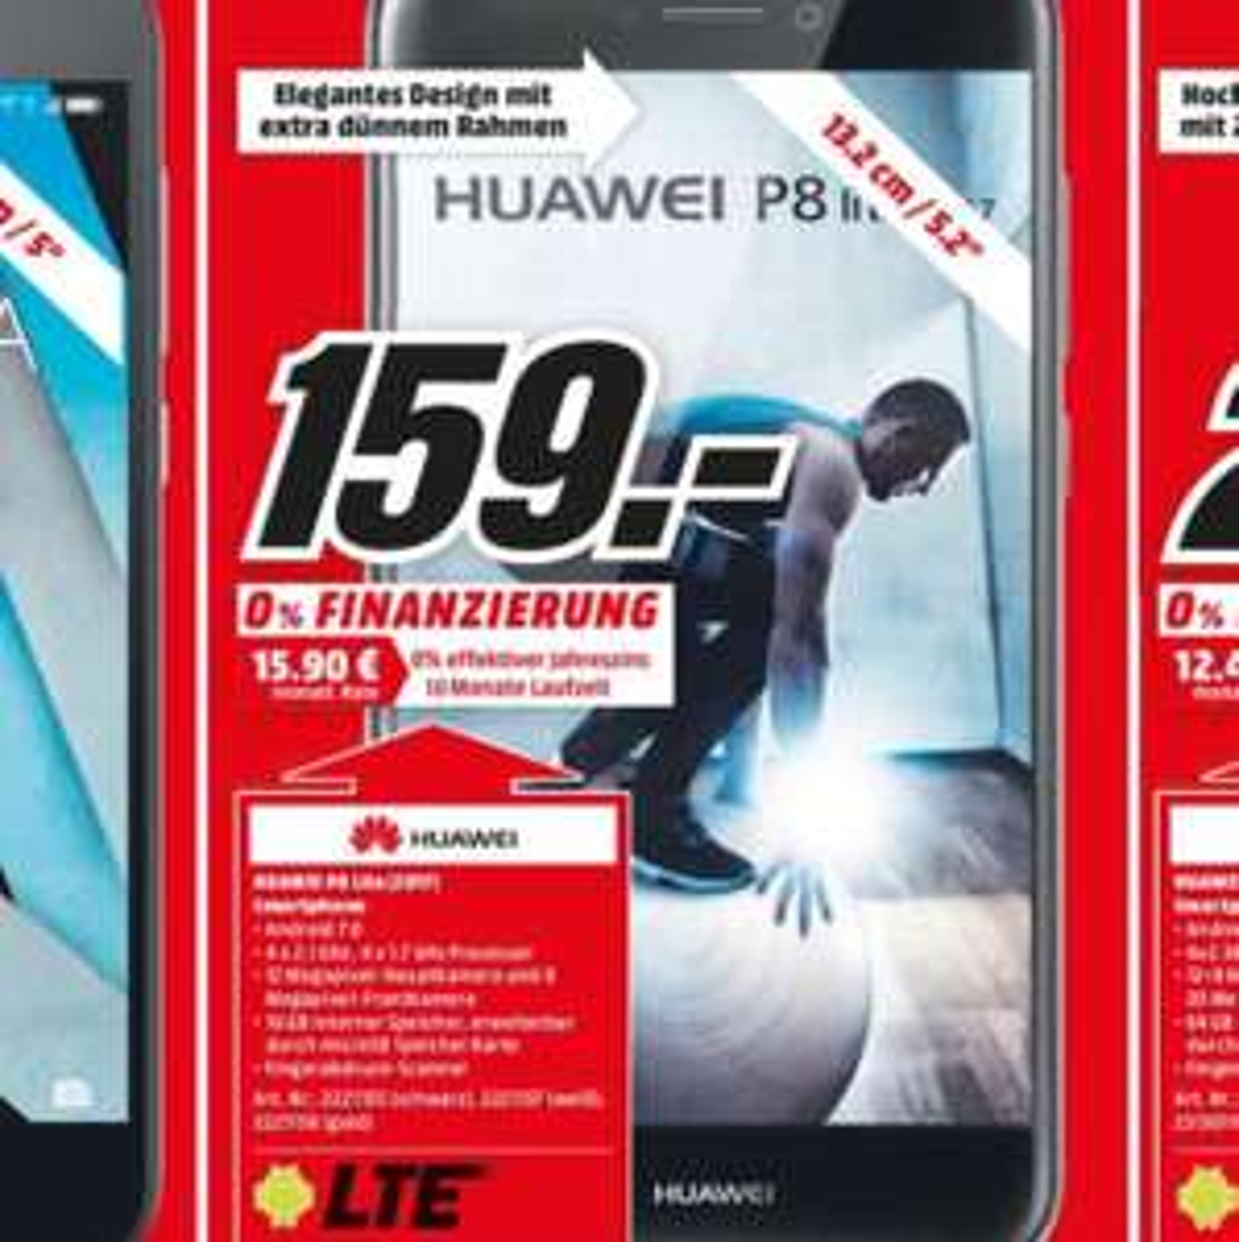 Lokal MM Köln Huawei P8 Lite 2017 für 159€ und Honor 6A für 111€